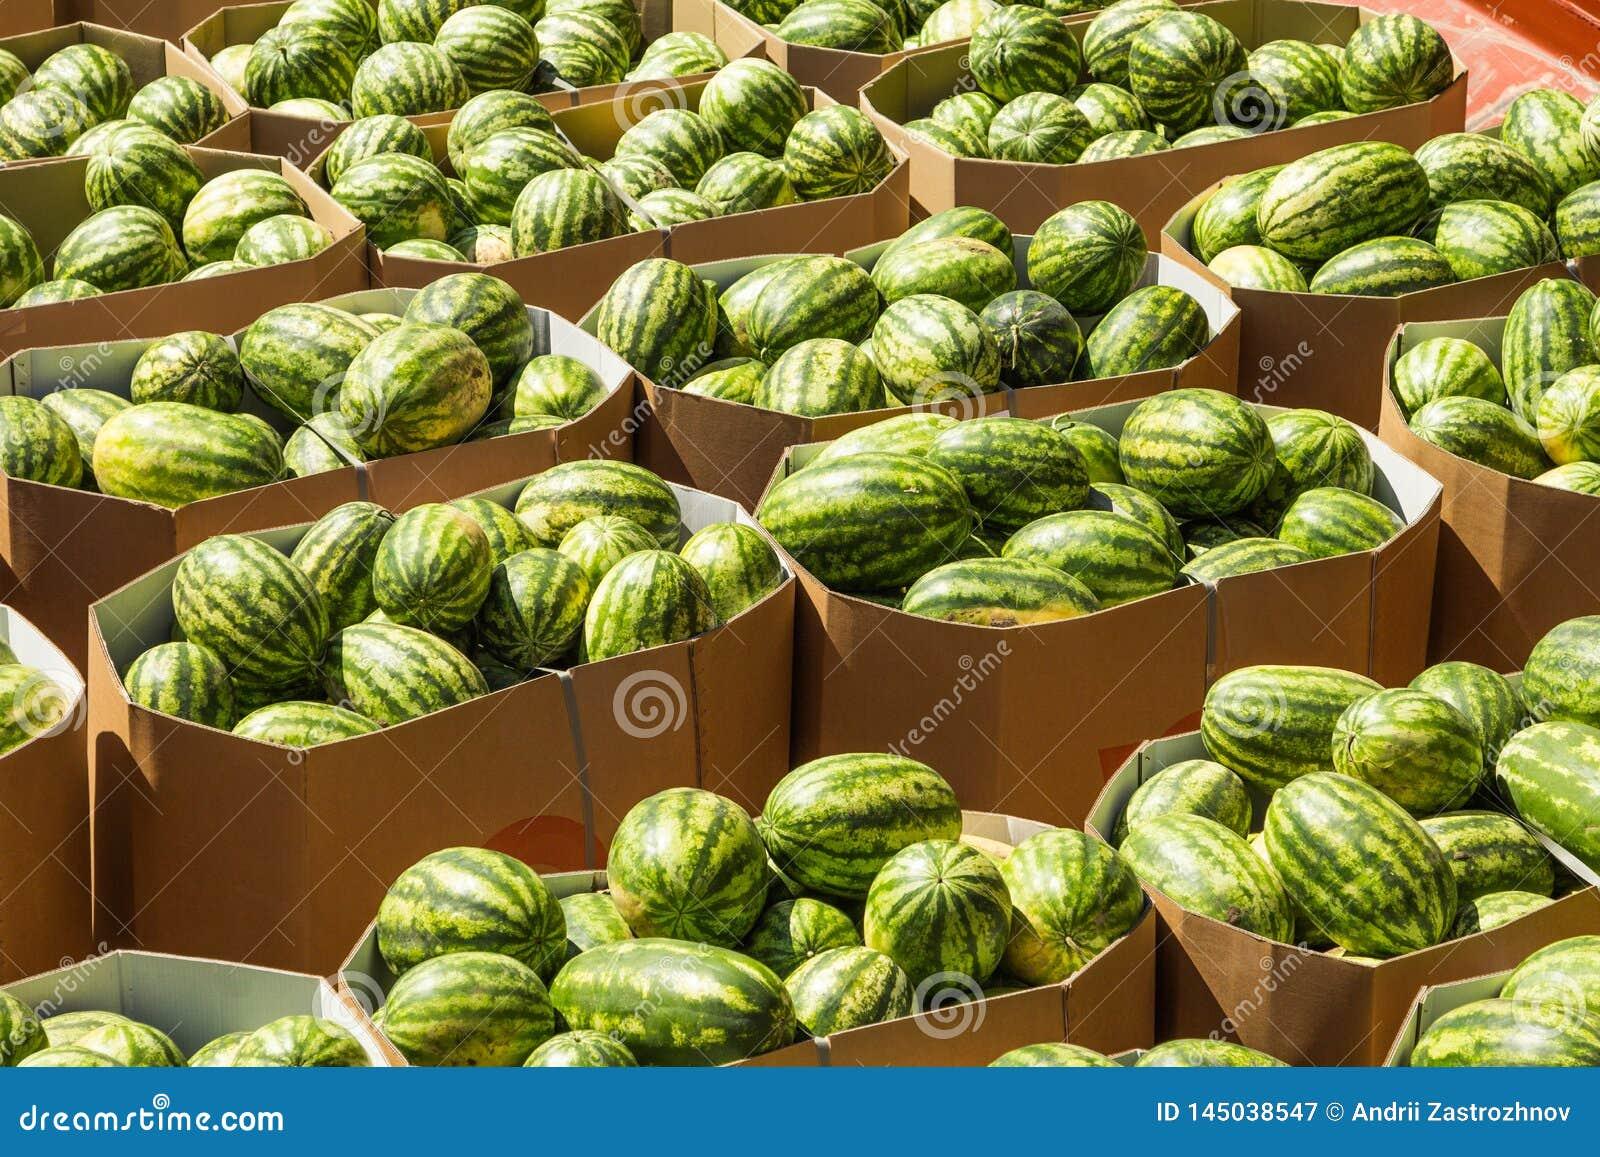 Rijpe watermeloenen die in kartondozen voor levering aan de opslag worden ingepakt